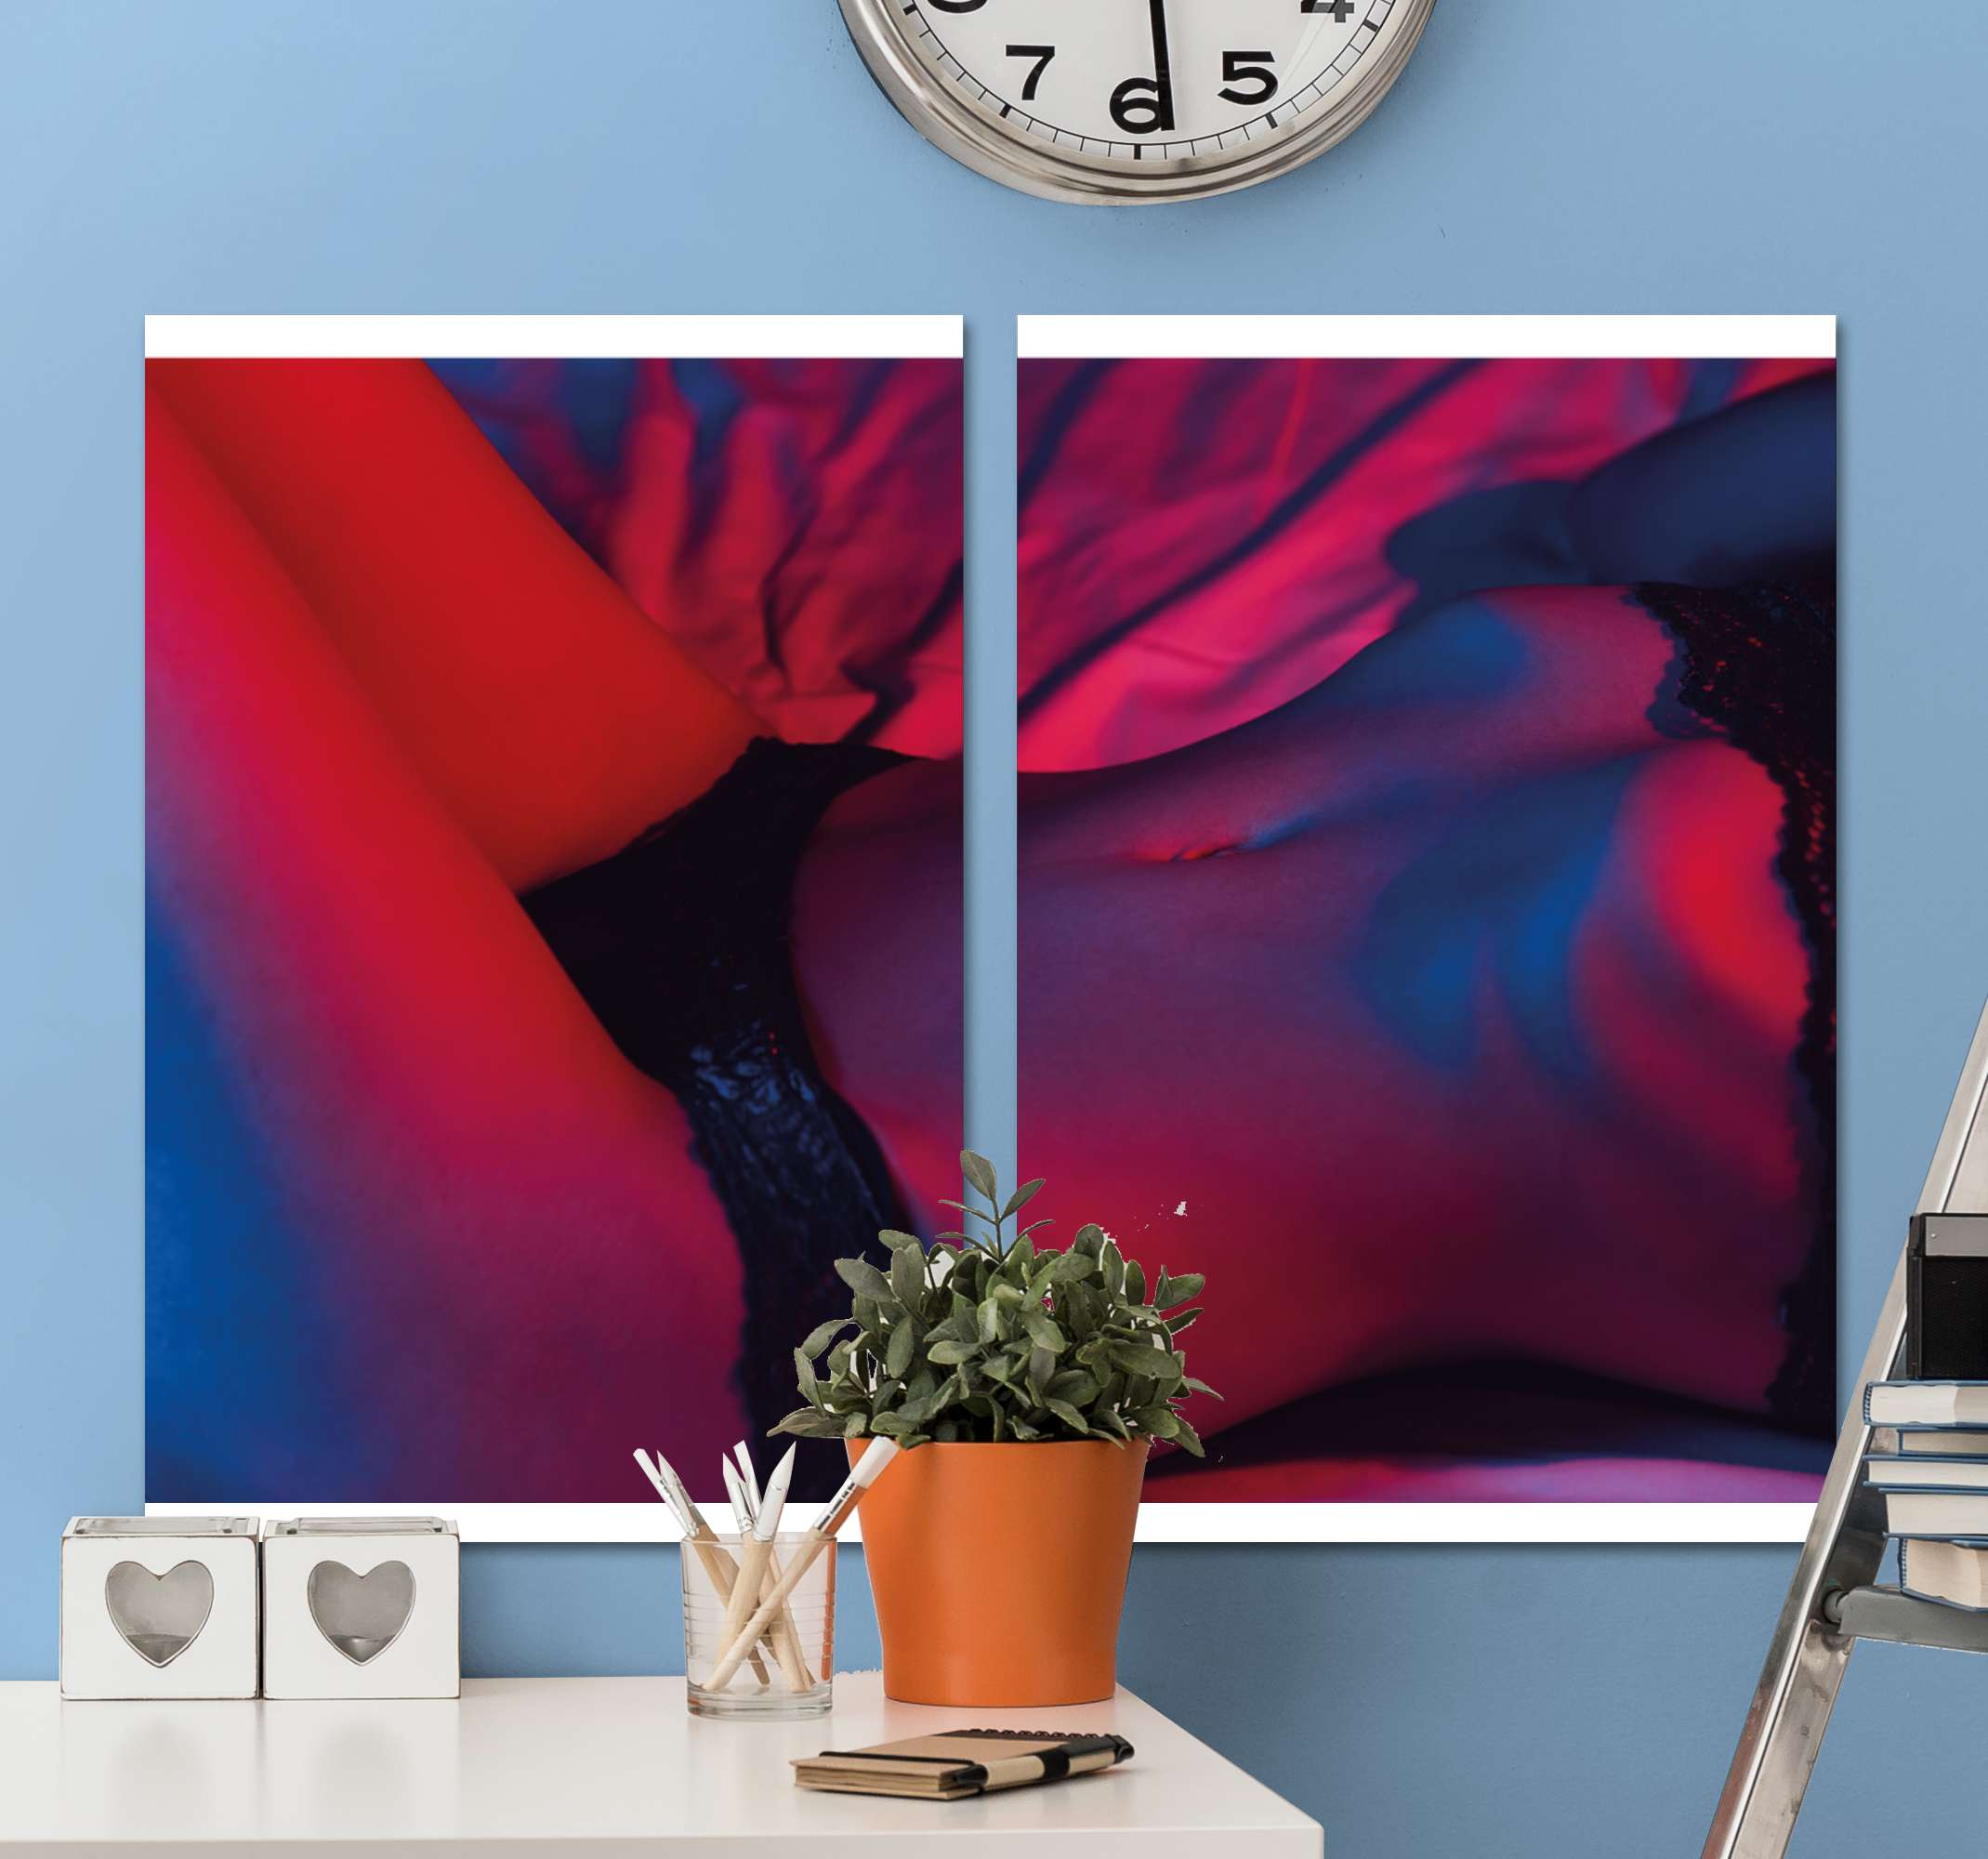 TenStickers. 여자 몸 3d 벽 예술 인쇄. 침대에 누워있는 여성의 몸을 디자인 한 에로틱 한 캔버스 벽 예술. 그것은 연인을위한 에로틱 한 여성의 몸 캔버스. 그것은 독창적이고 내구성이 있습니다.